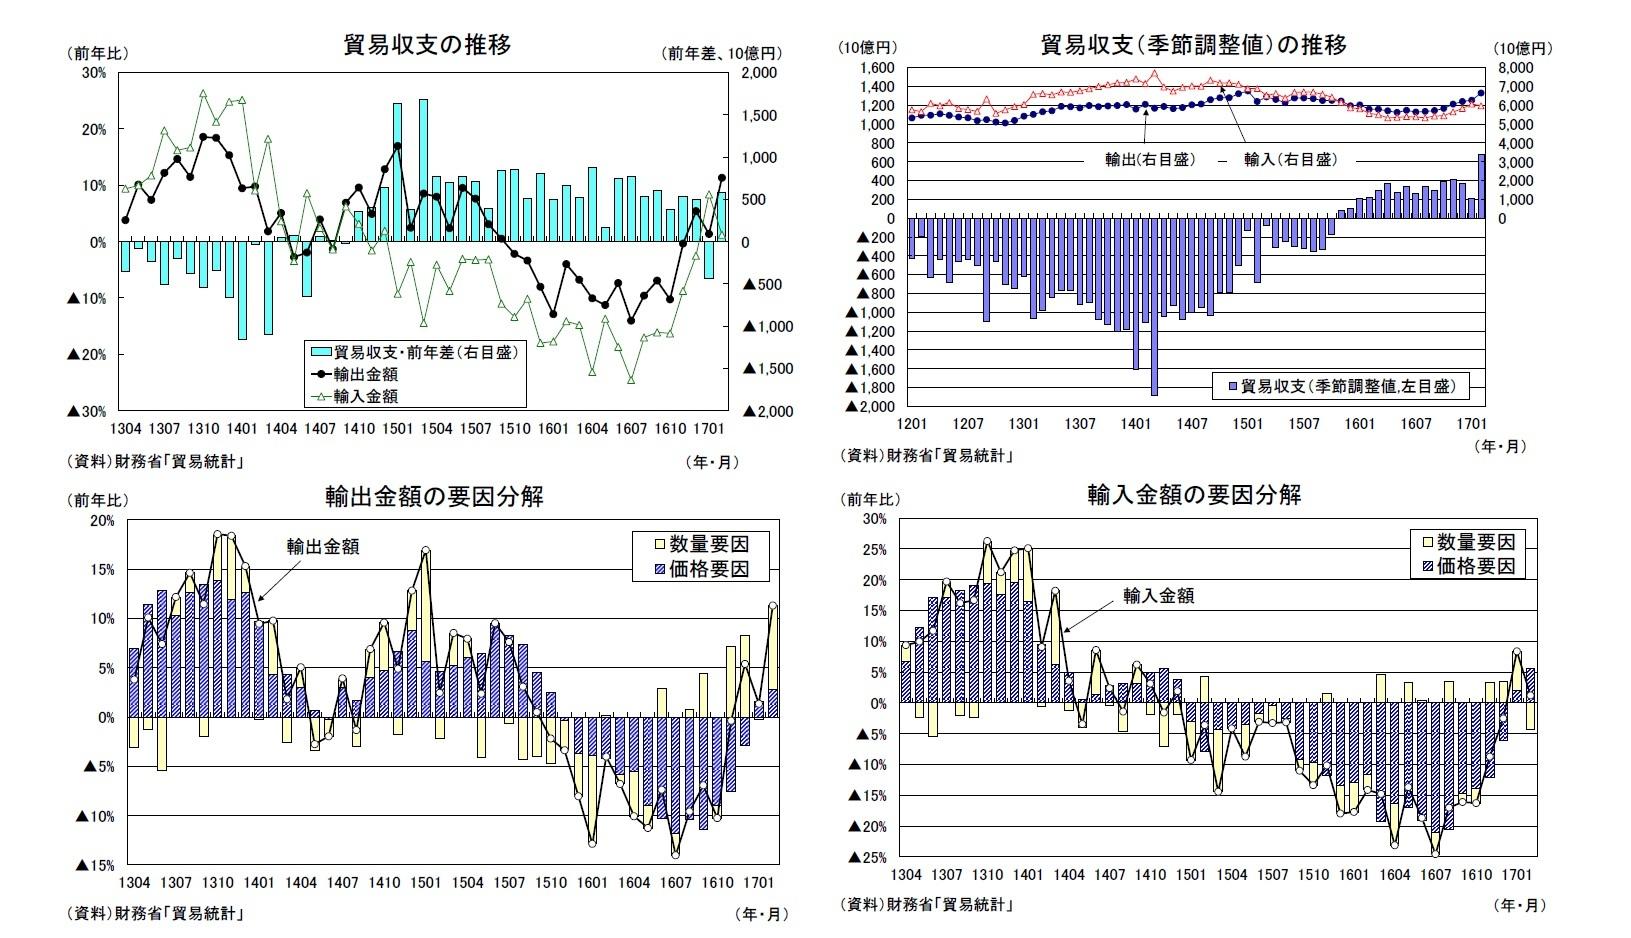 貿易収支の推移/貿易収支(季節調整値)の推移/輸出金額の要因分解/輸入金額の要因分解